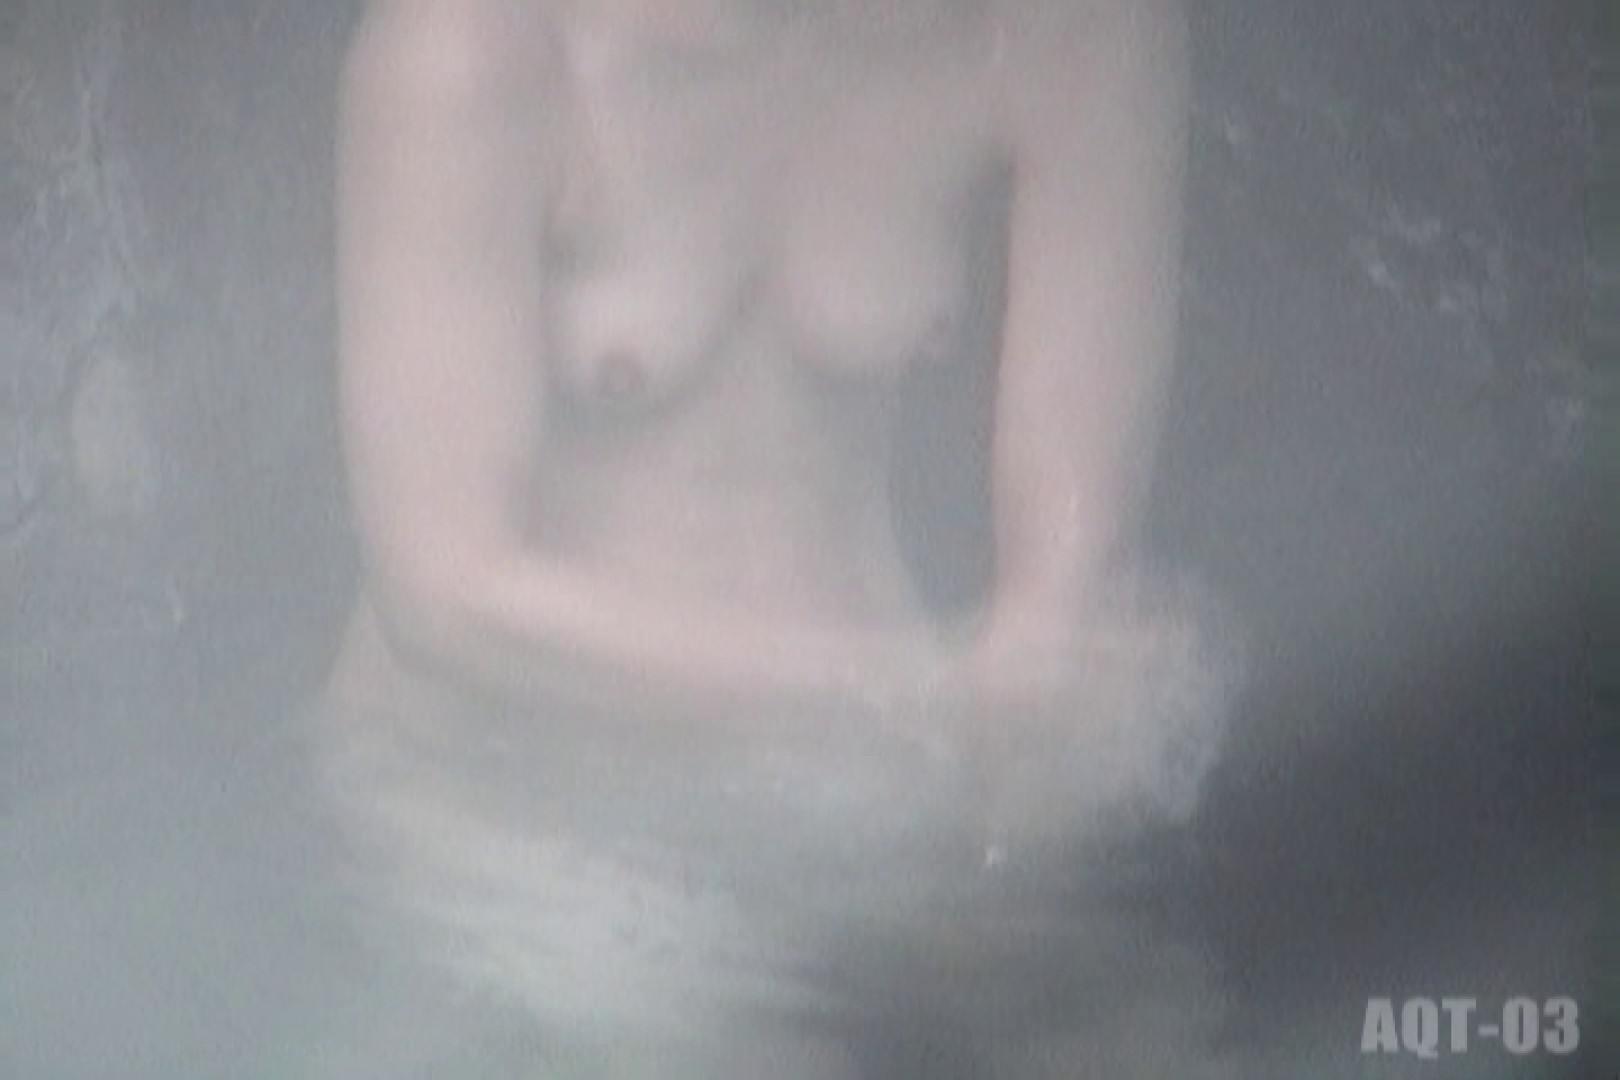 Aquaな露天風呂Vol.734 OLセックス 盗撮AV動画キャプチャ 64画像 20